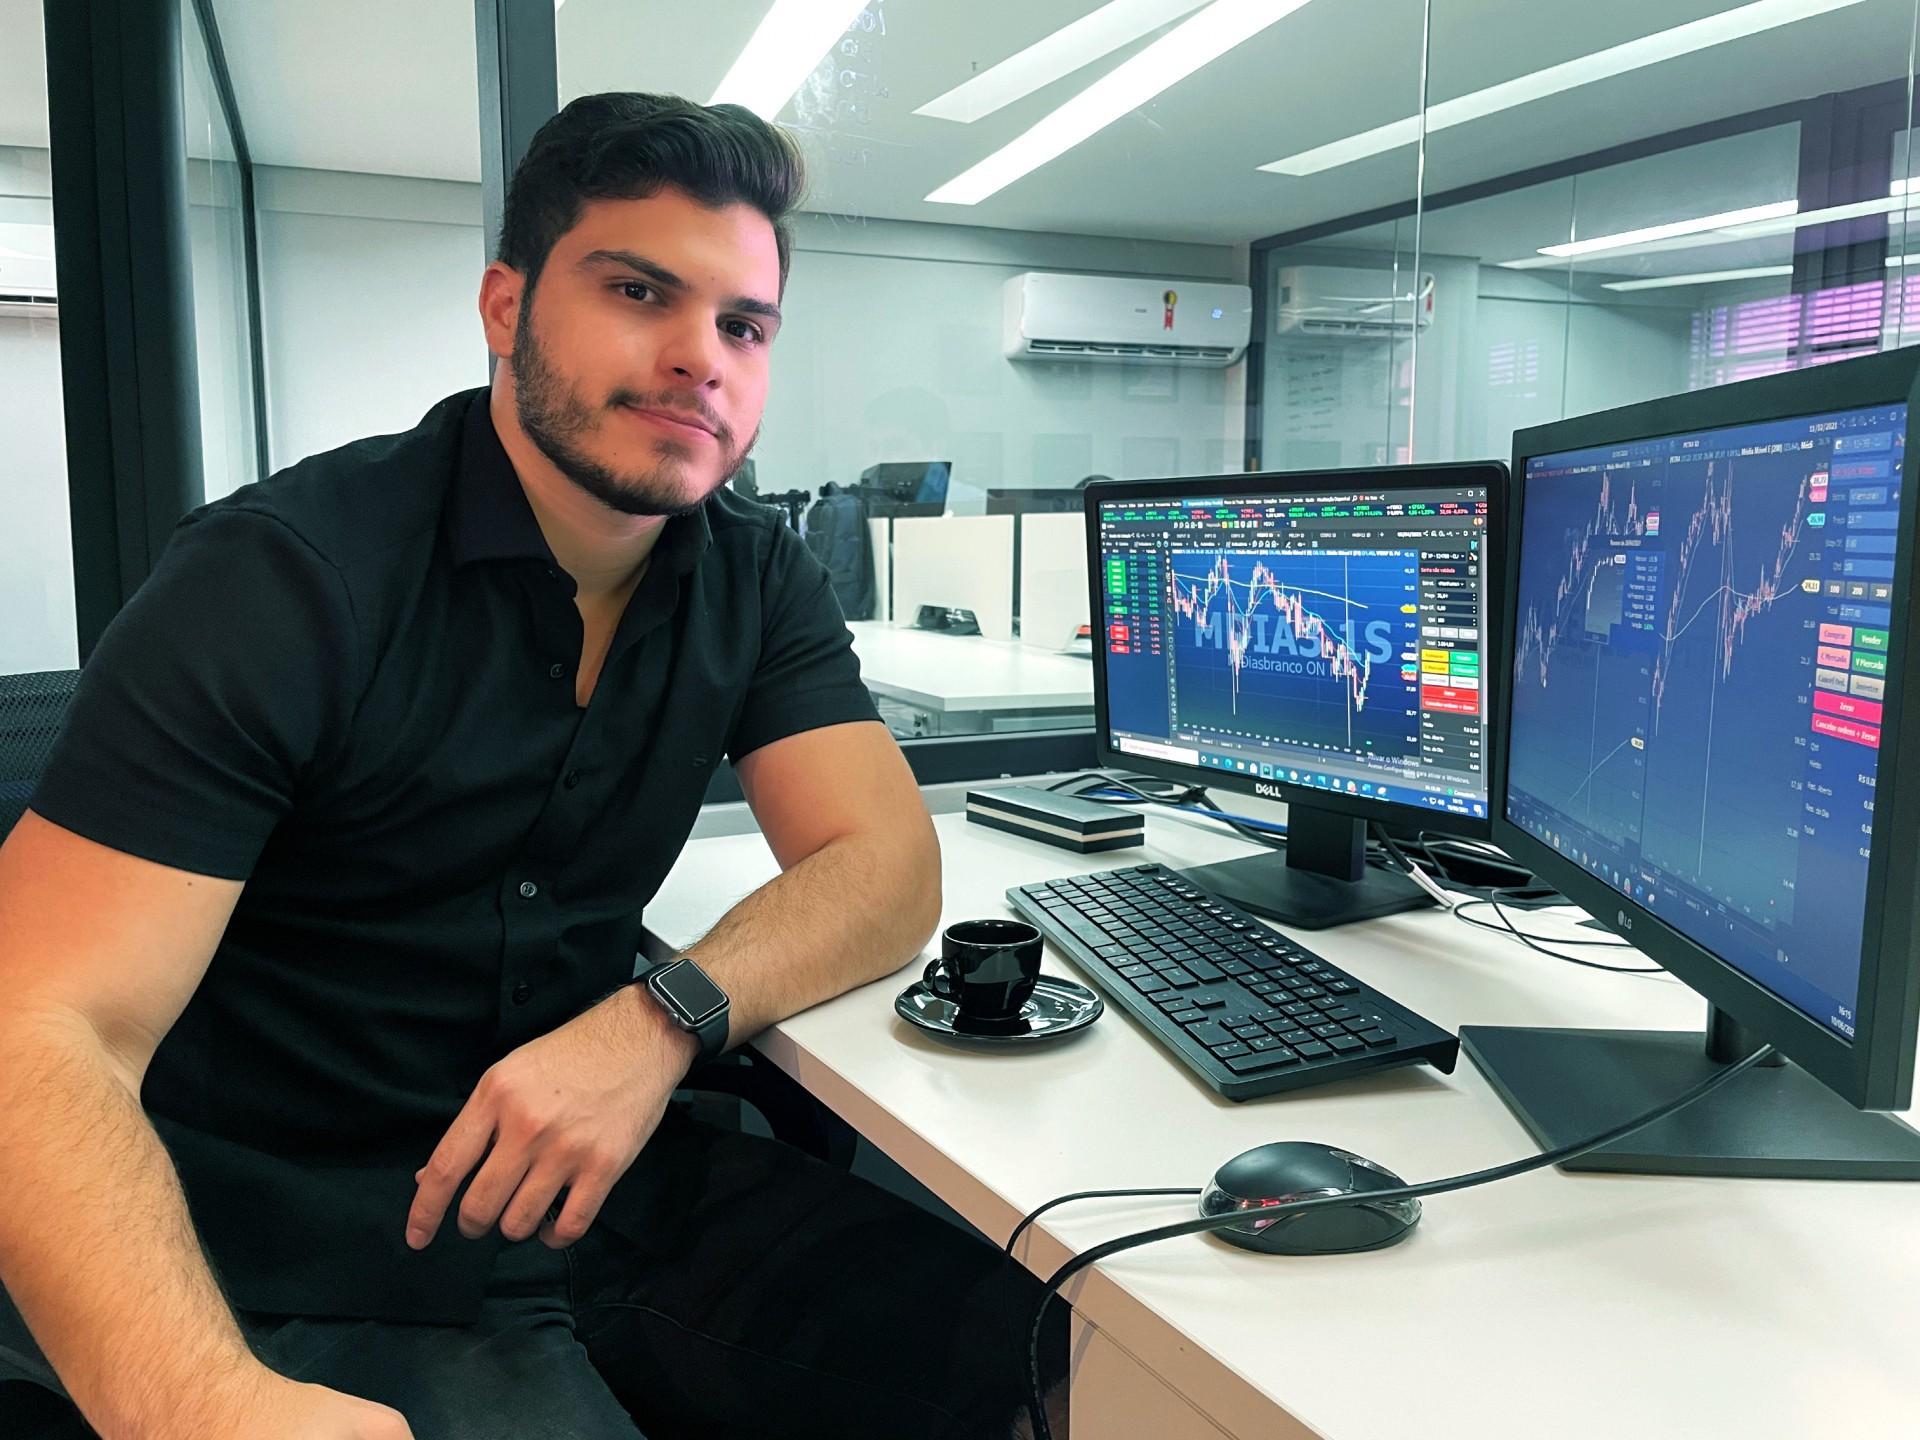 Juvêncio Viana, 24 anos, empresário, é um dos cearenses que ampliou os investimentos na bolsa durante a pandemia